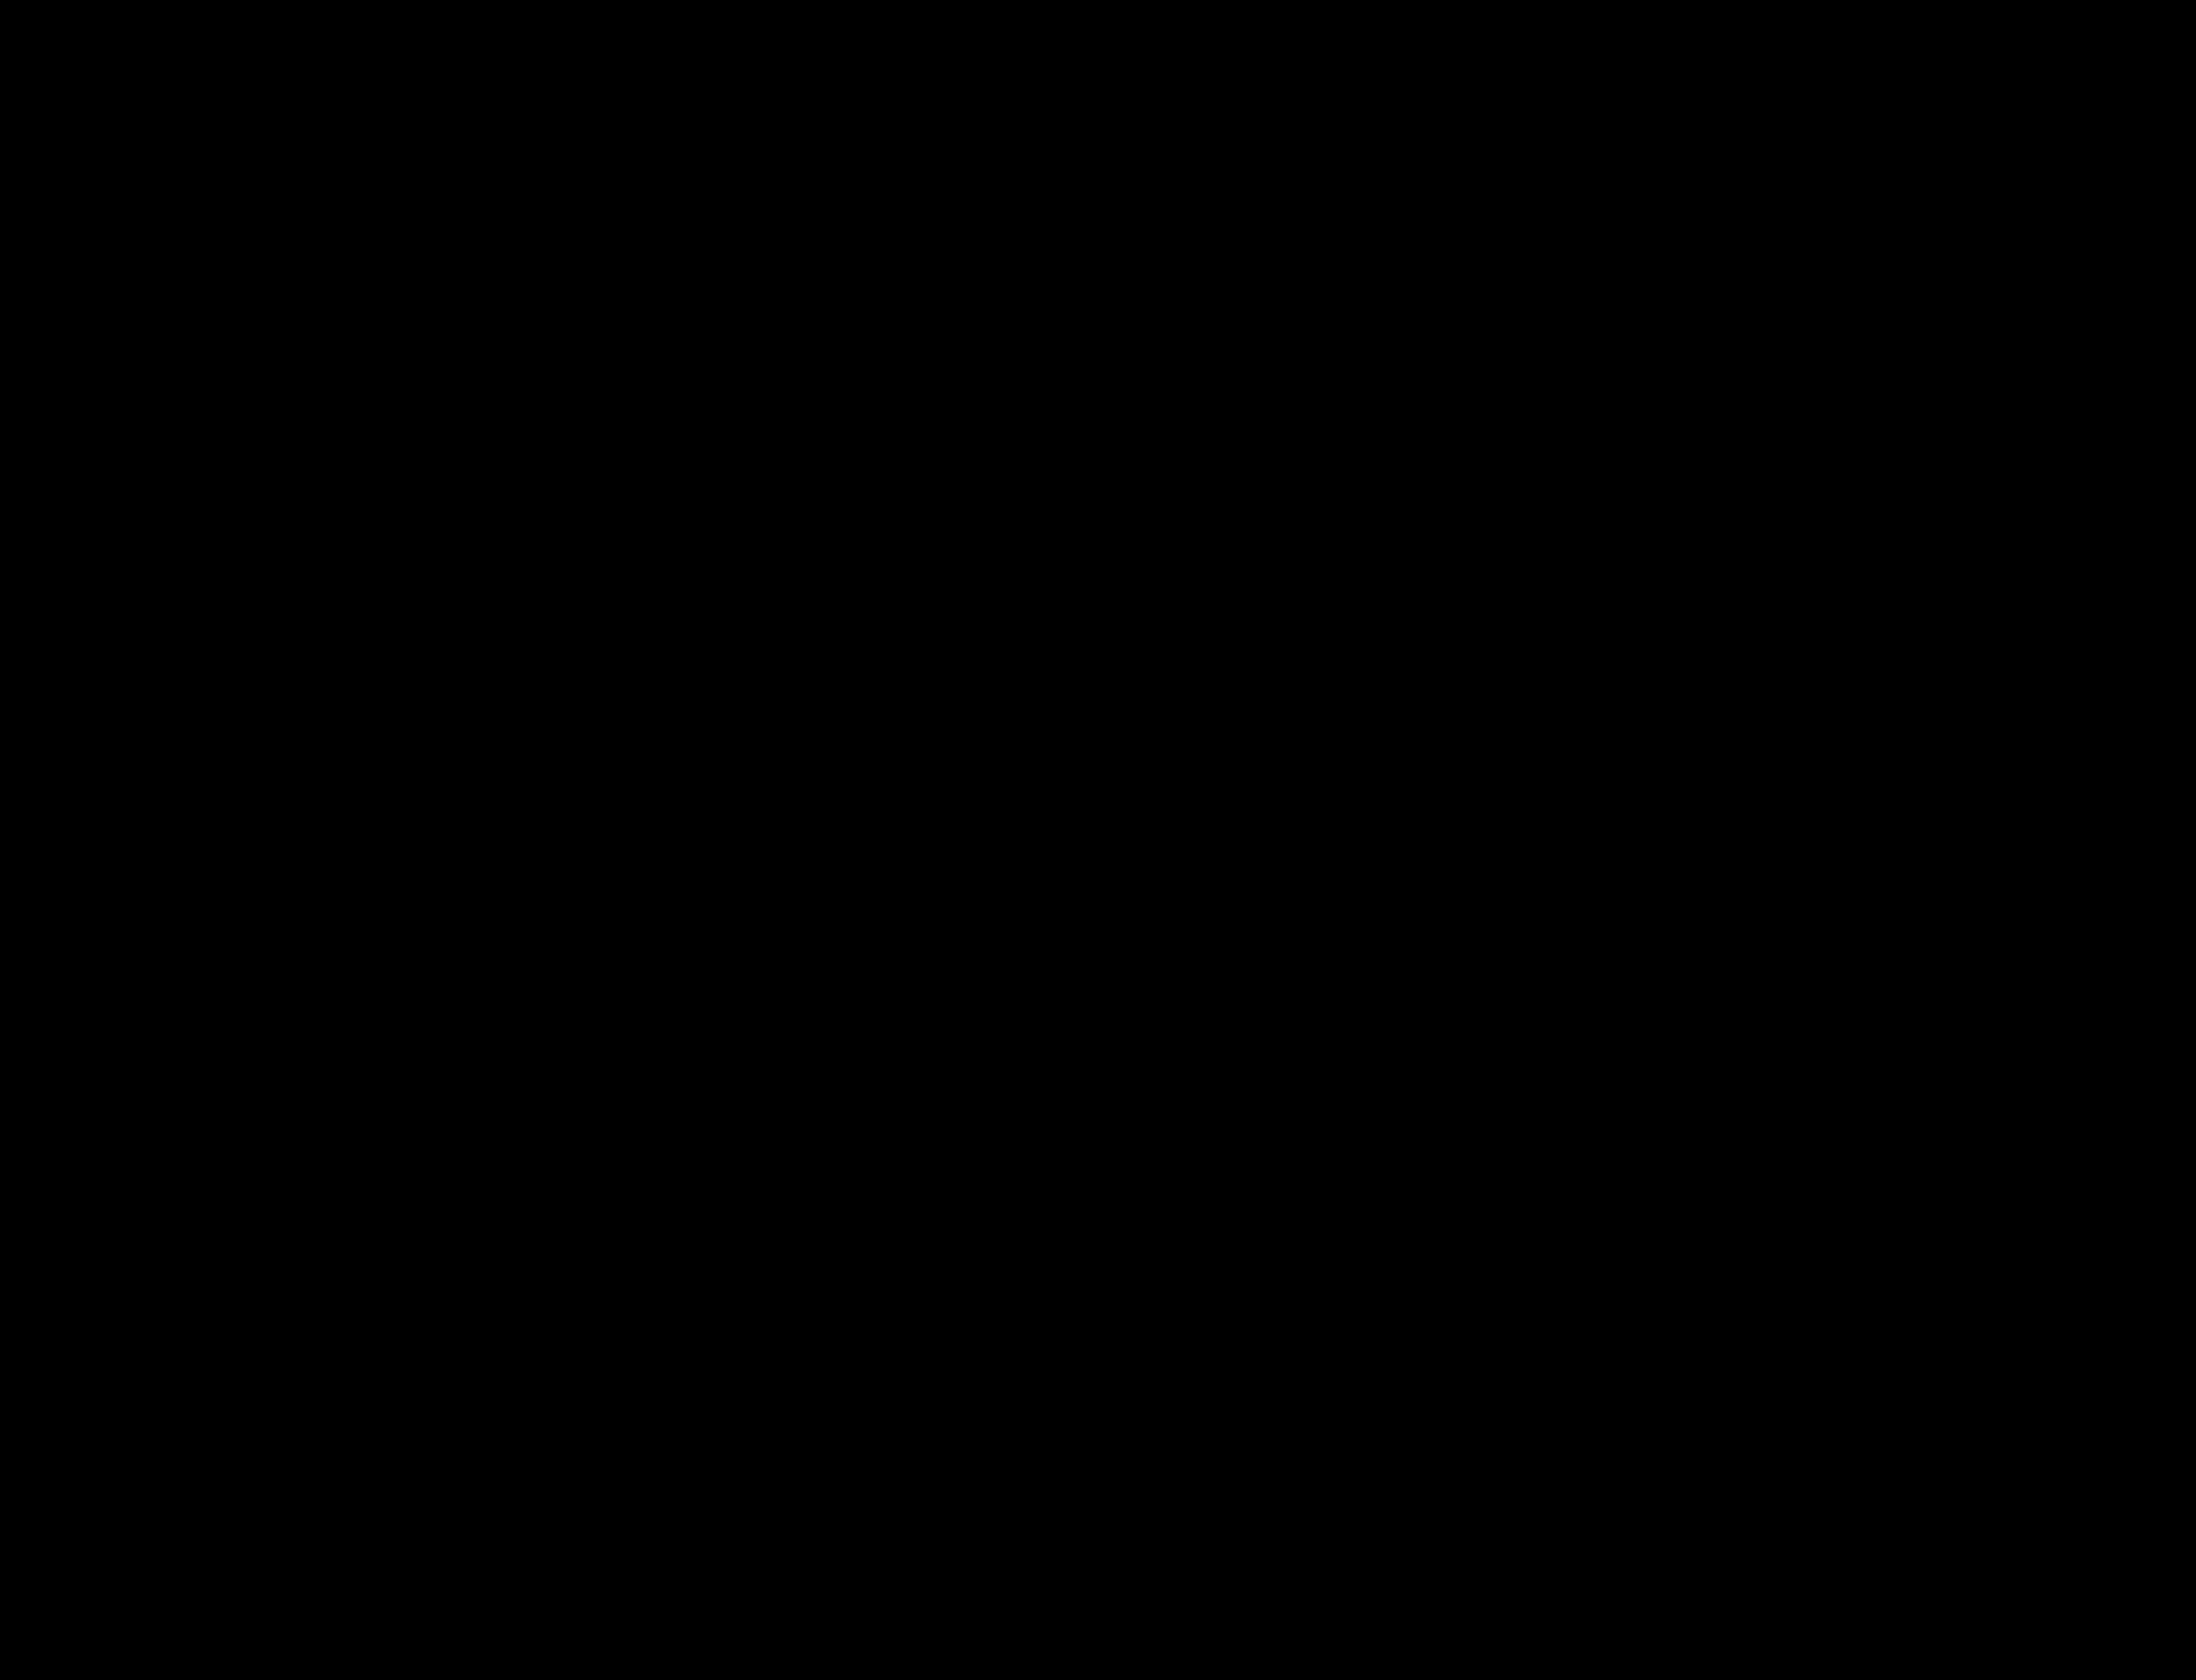 dsc_0948-2